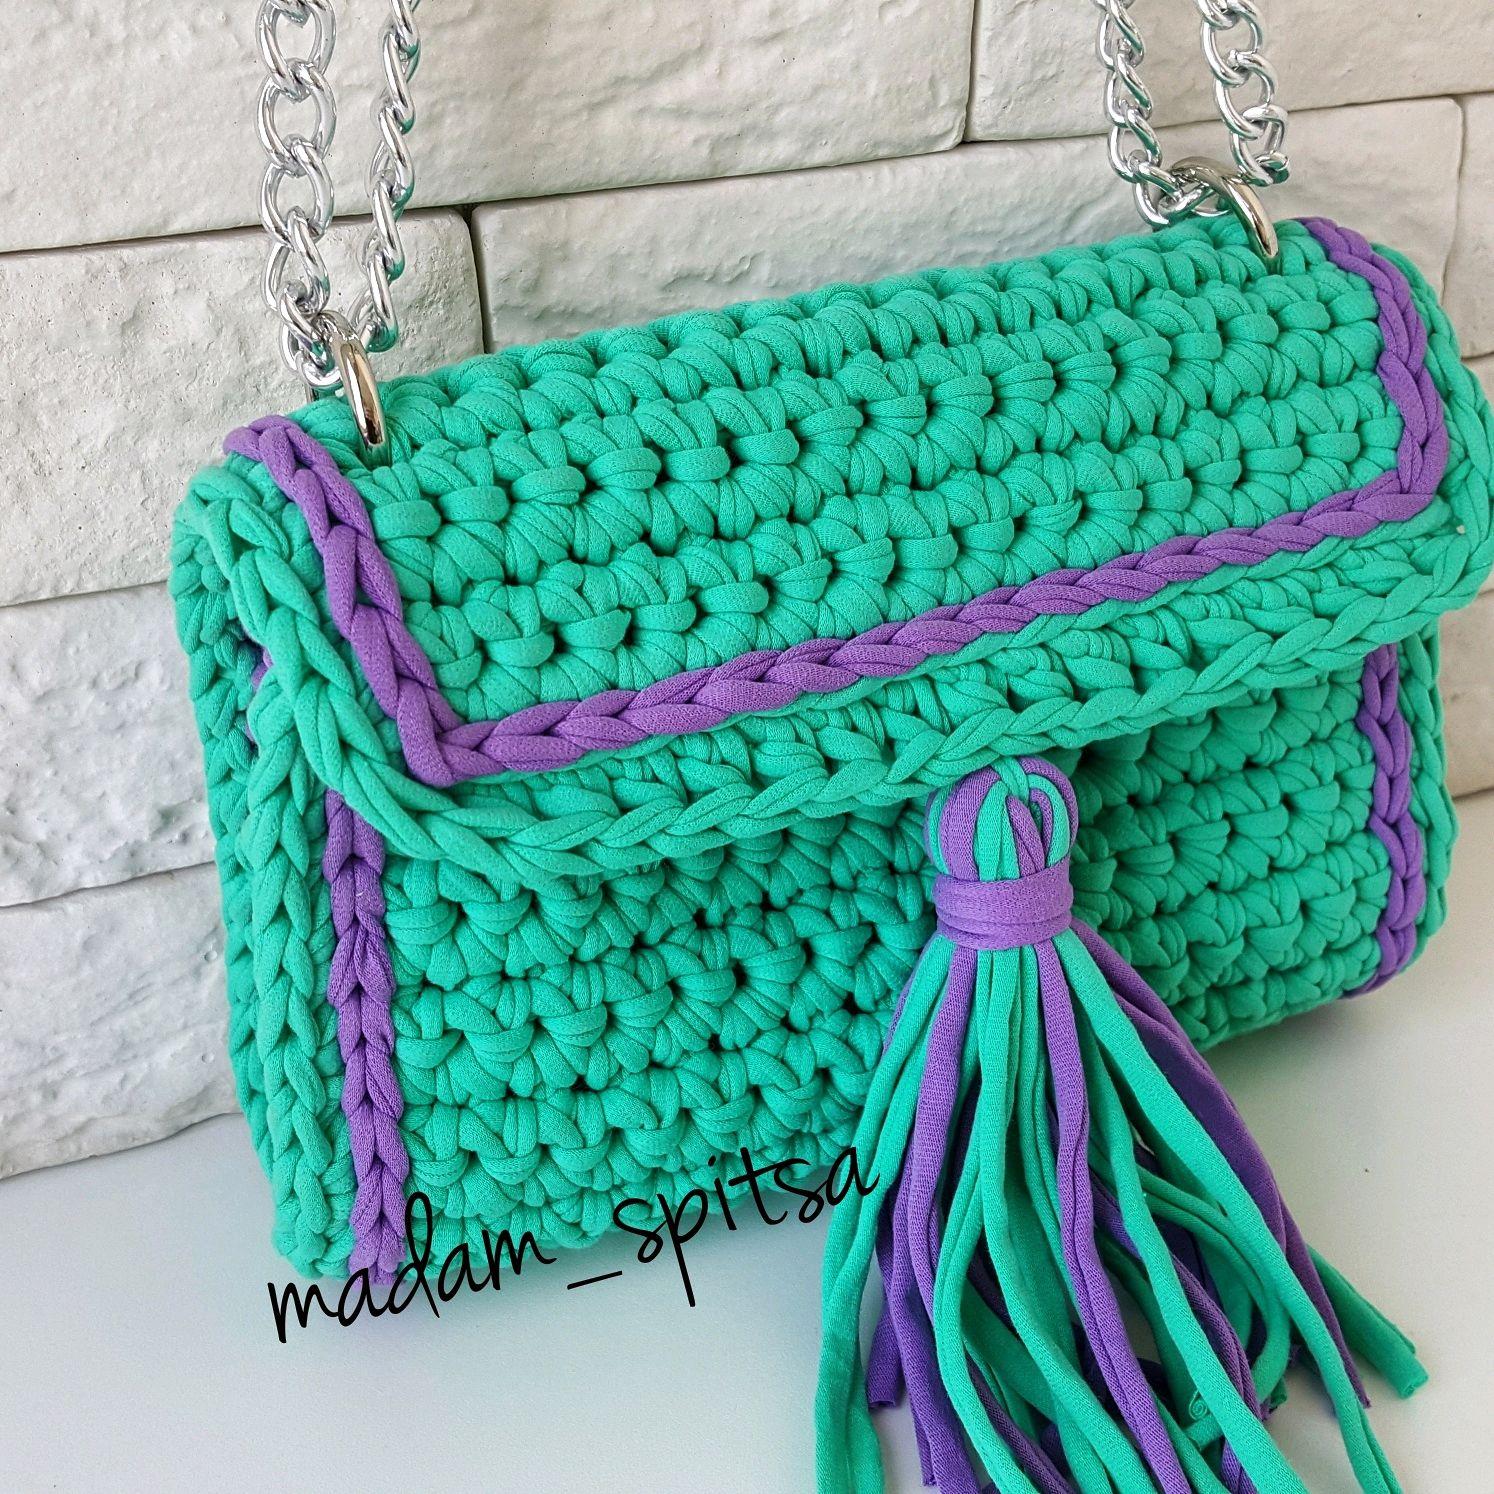 Вязание спицами сумки из трикотажной пряжи 6